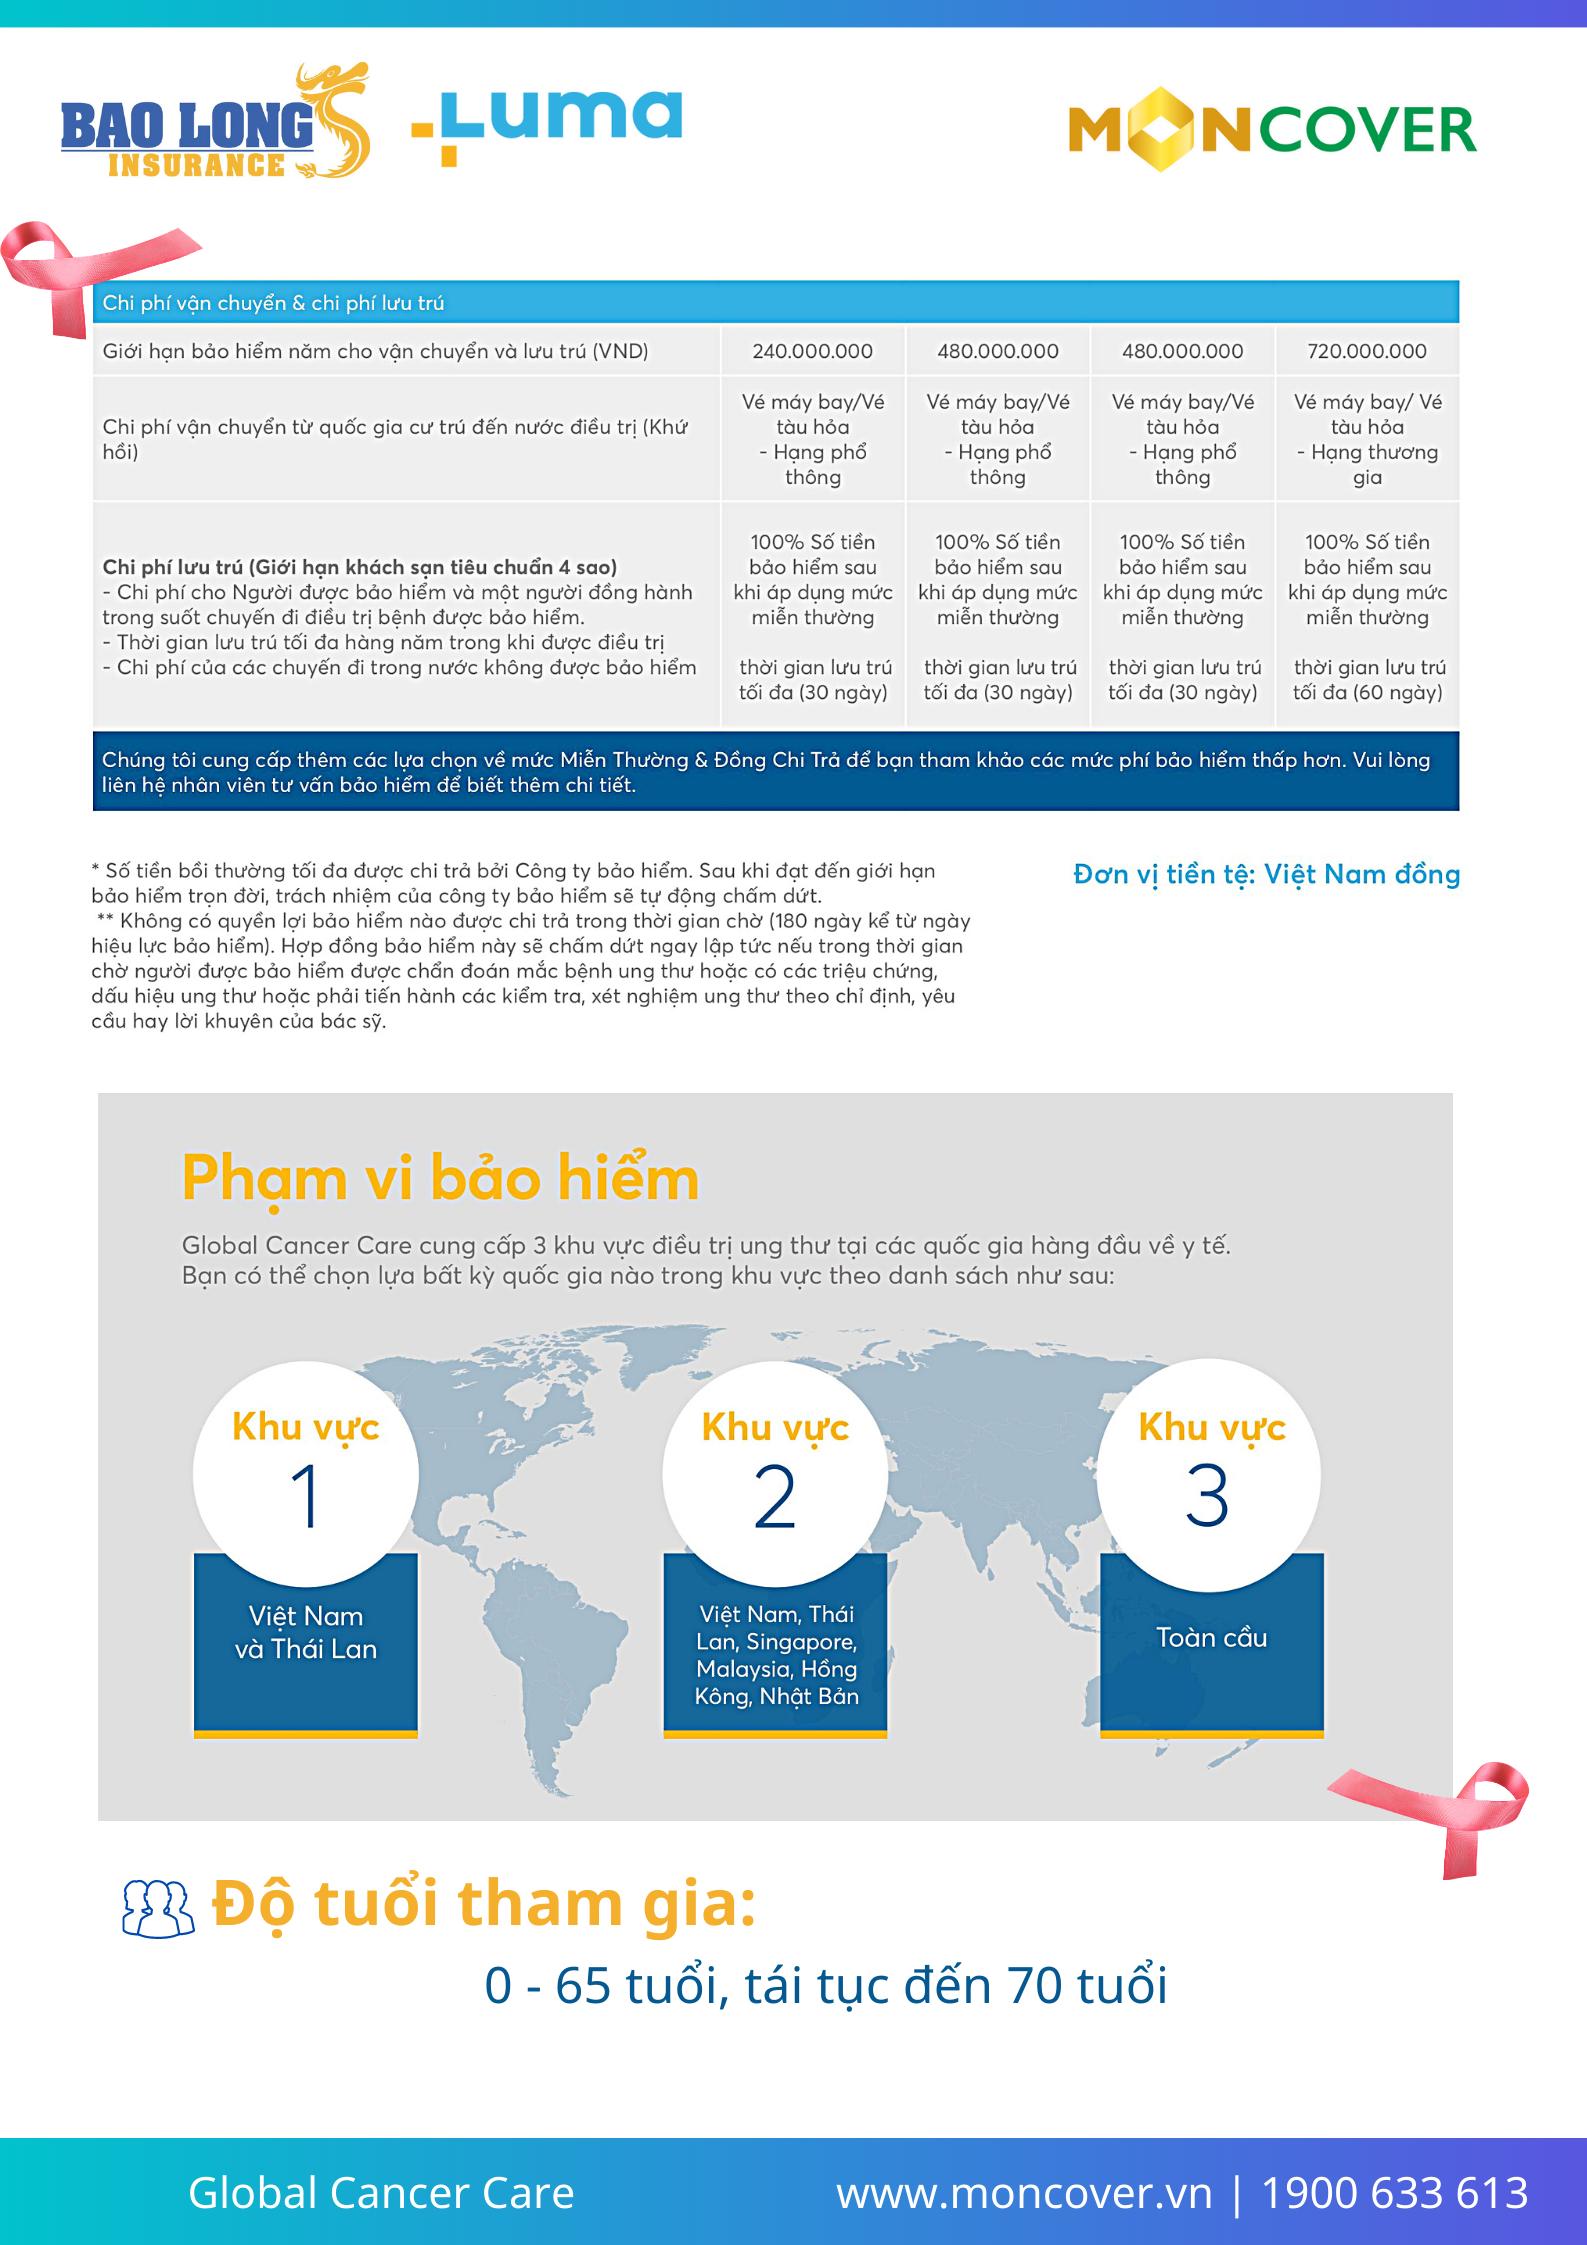 Bảo hiểm điều trị ung thư quốc tế - Global Cancer Care